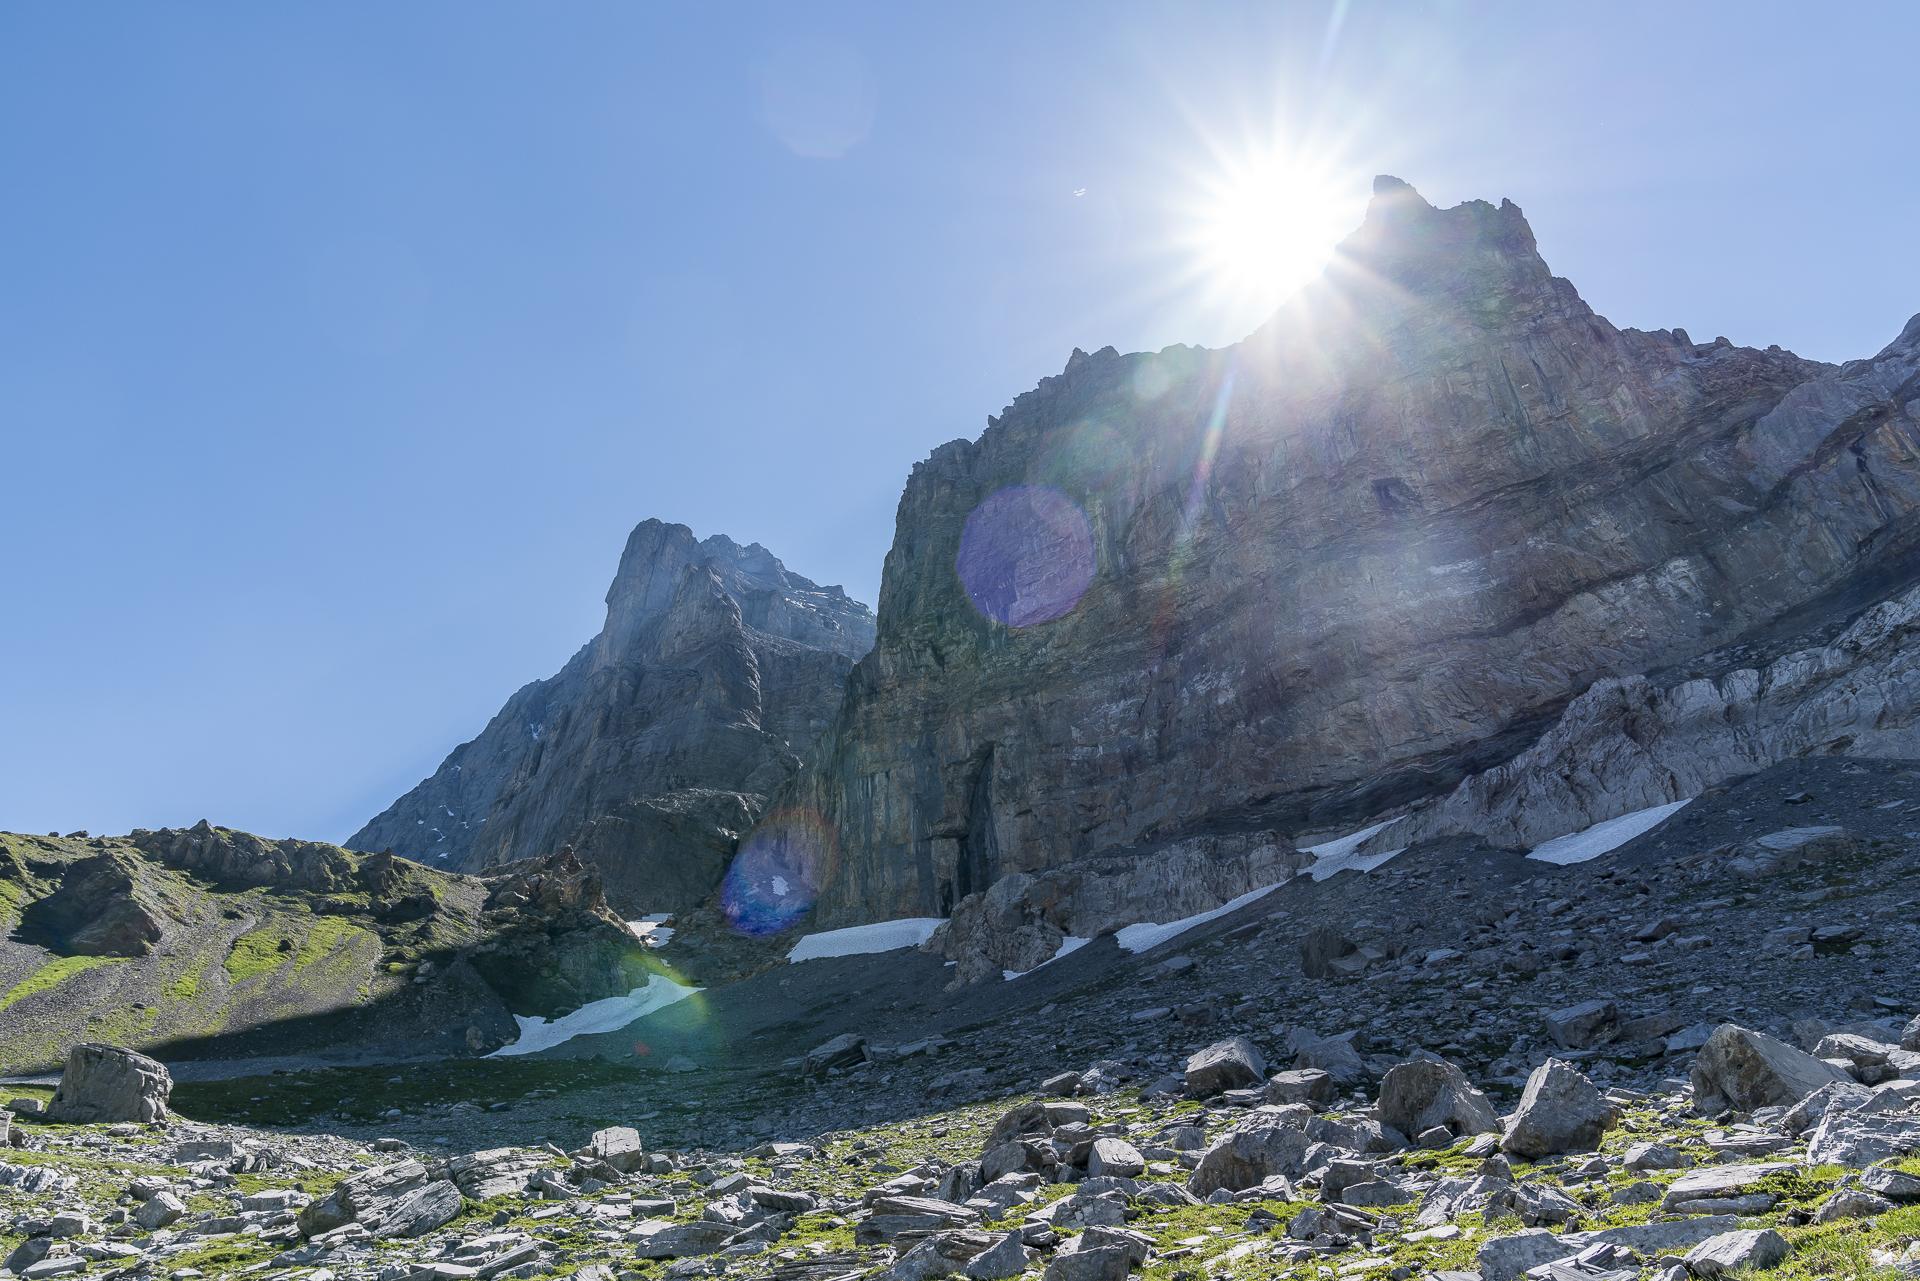 Klettersteig Eiger : Eiger trail wandern am fusse der eigernordwand wandertipp